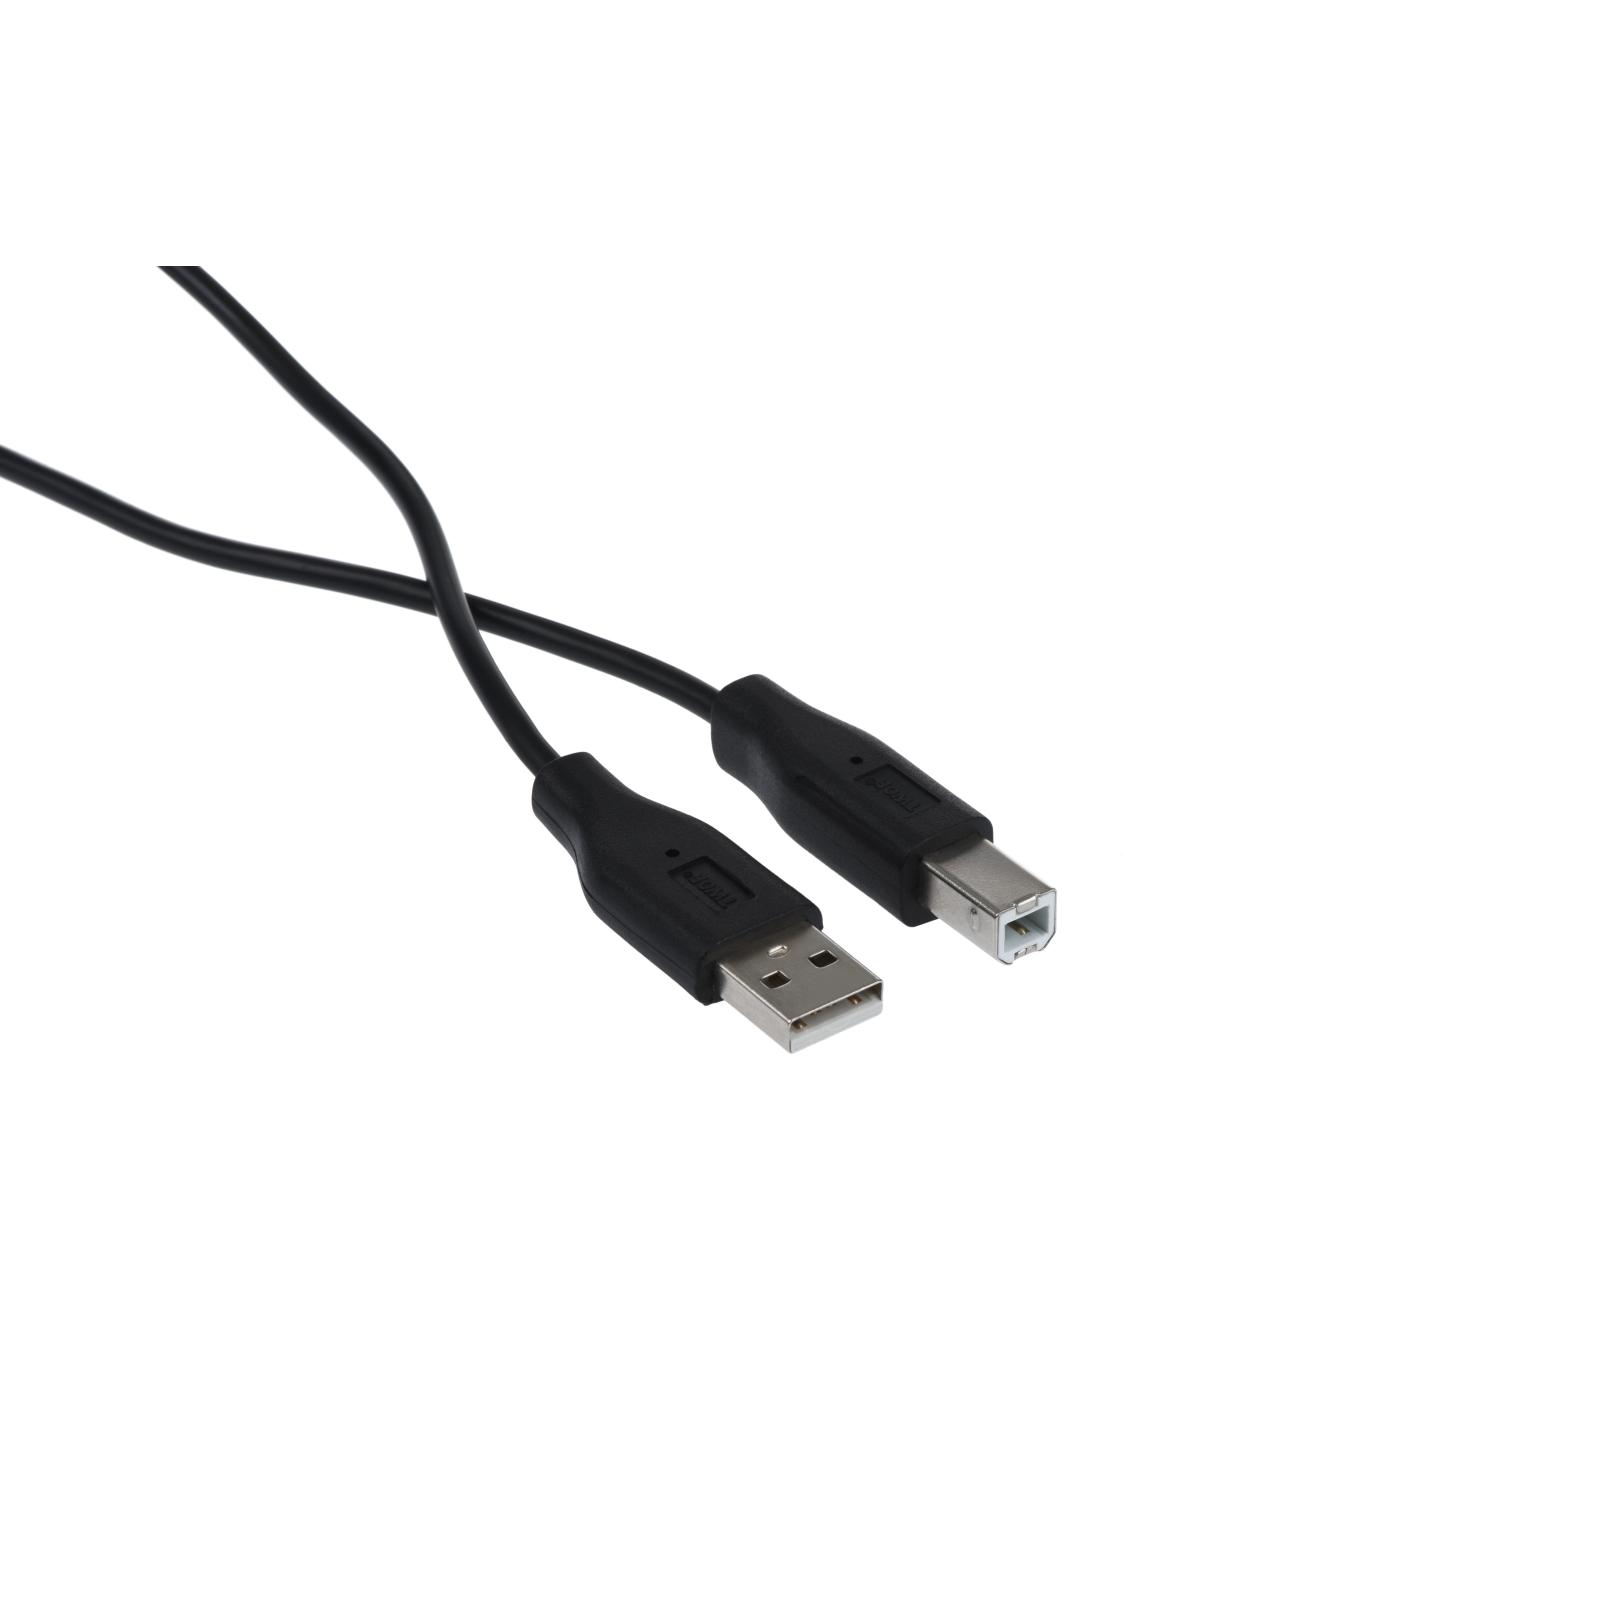 Кабель для принтера USB 2.0 AM/BM 3.0m 2E (2E-W-3169m3) изображение 2